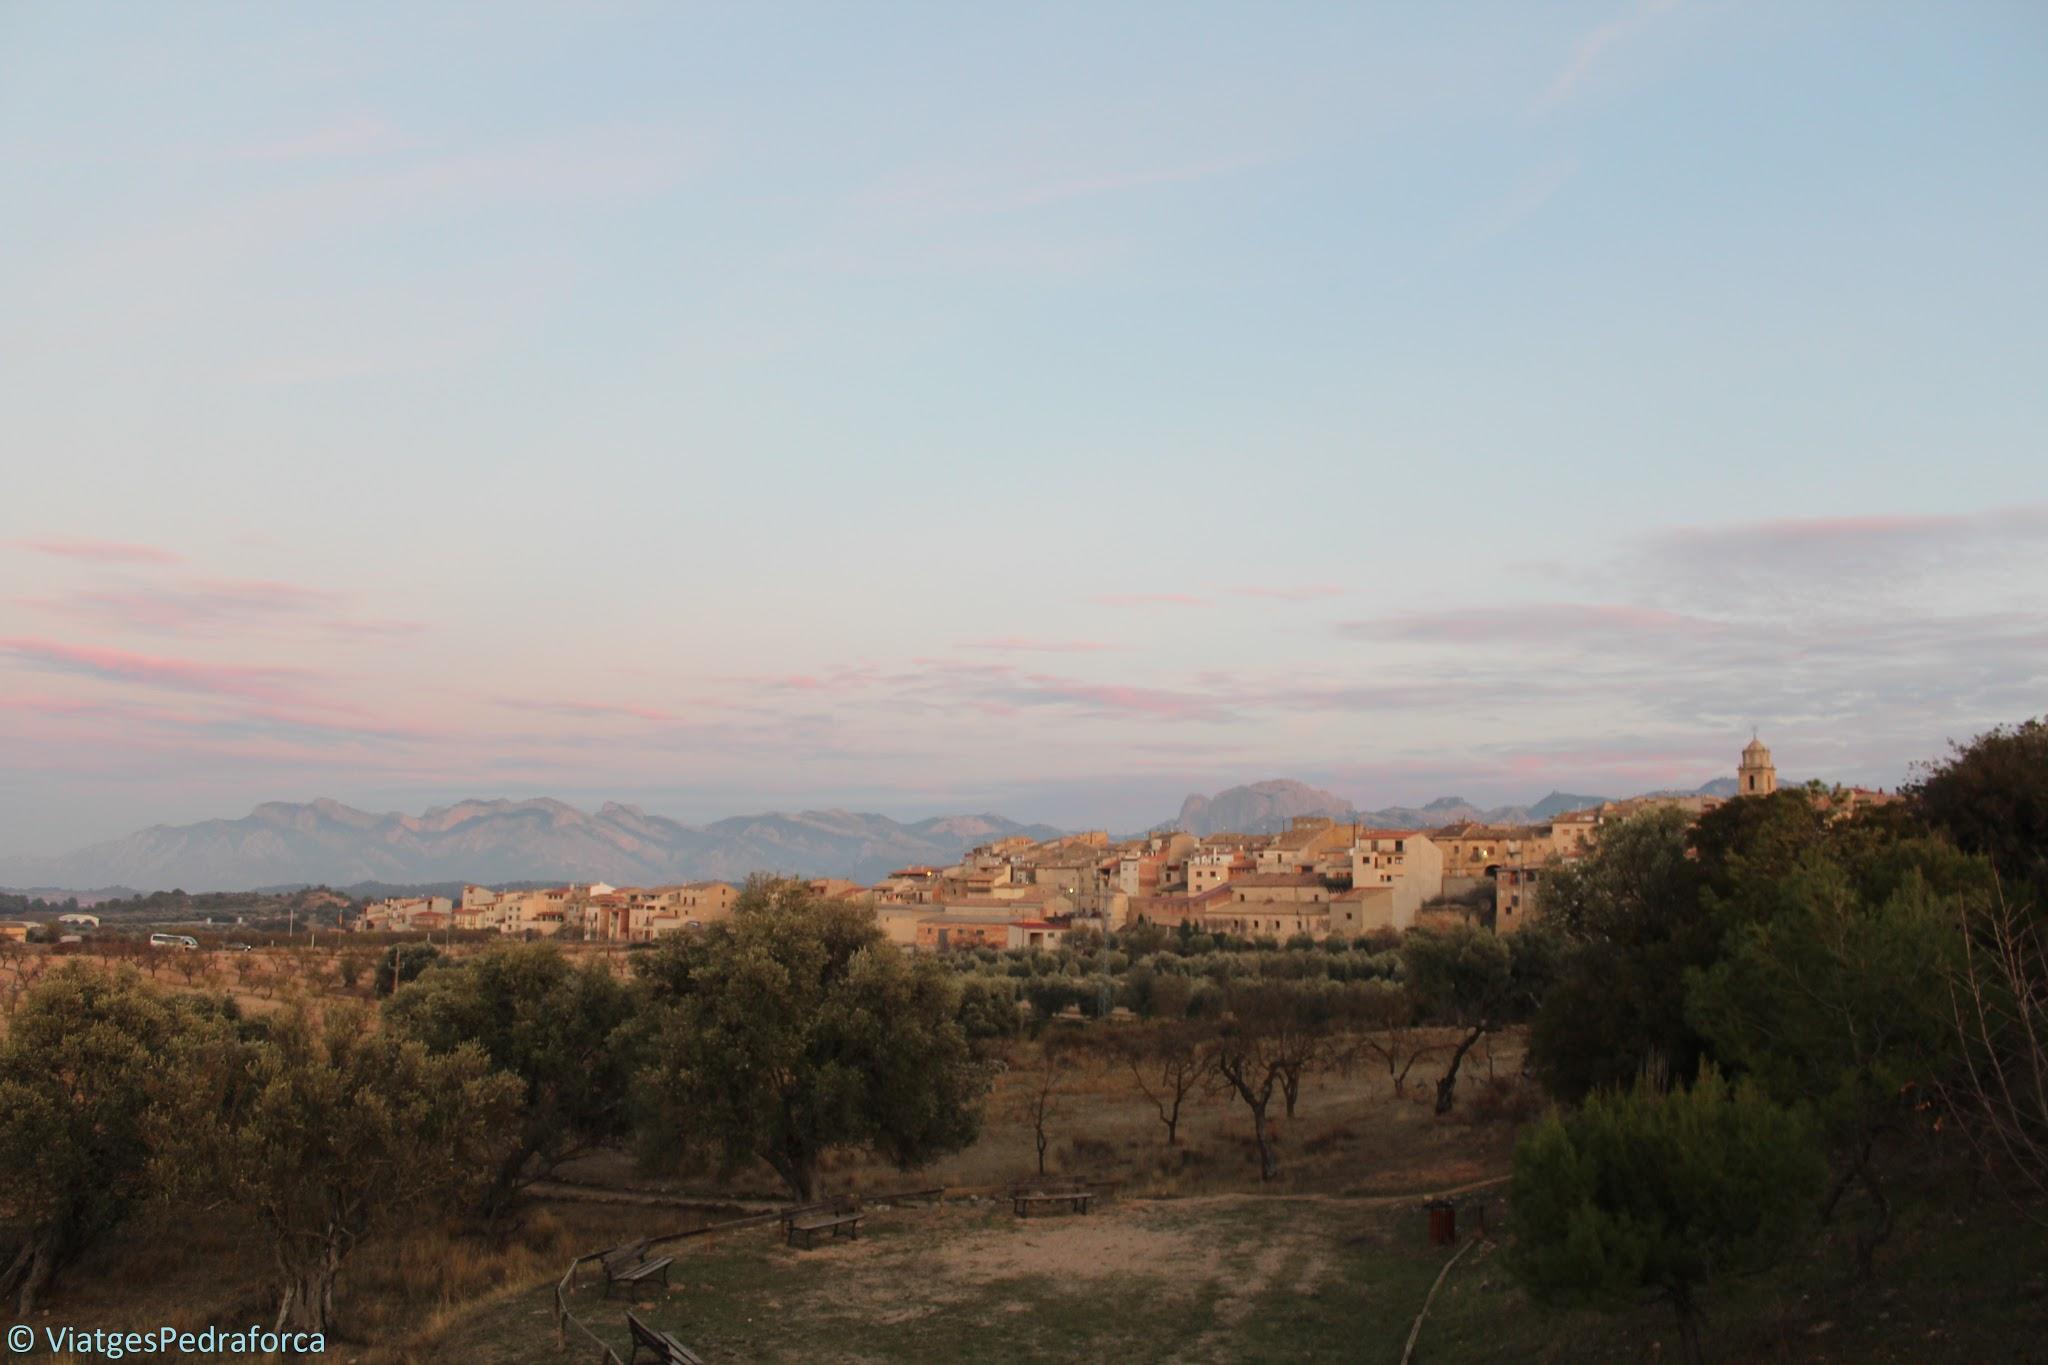 Ruta pel Matarranya i la Terra Alta, els pobles més bonics de Catalunya, conjunt històric, patrimoni cultural, pobles amb encant, Terres de l'Ebre, Catalunya